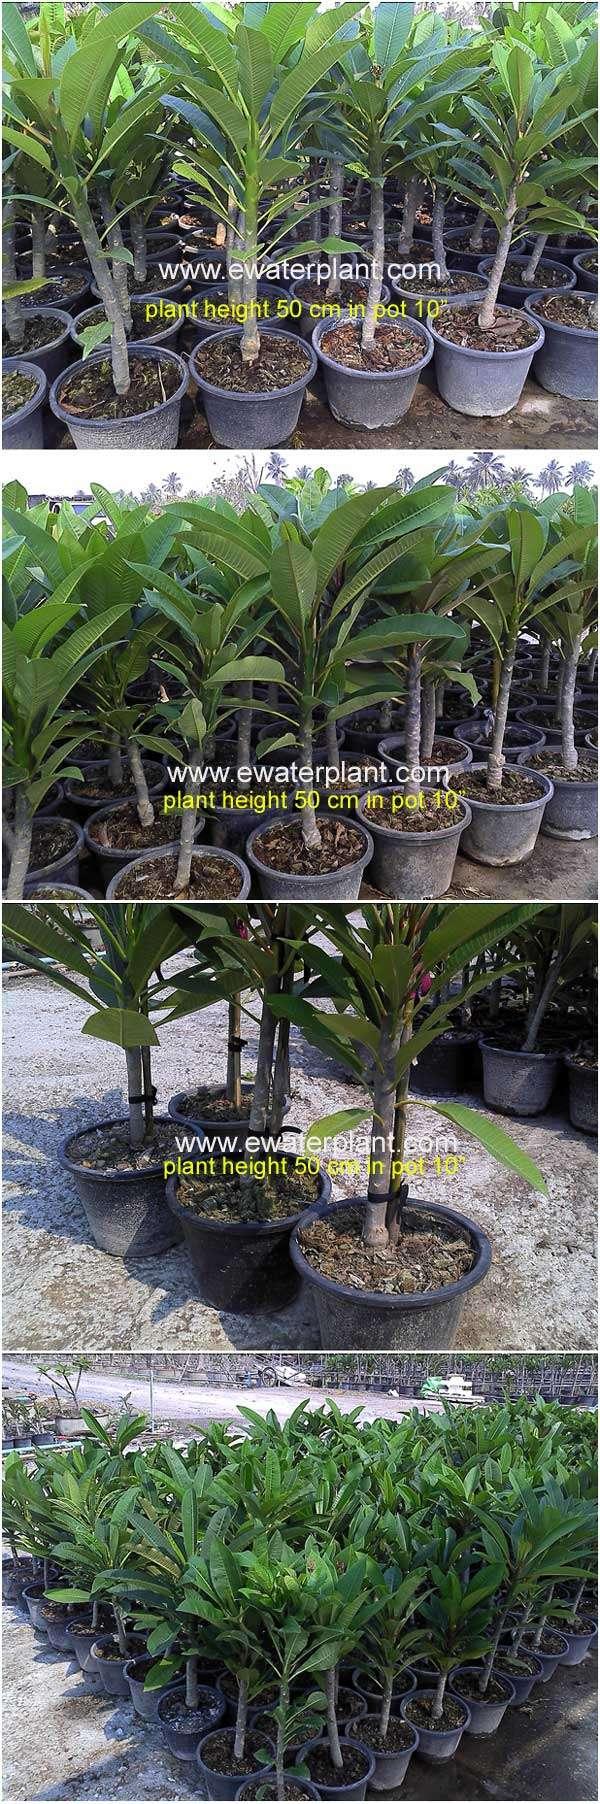 Plumeria-plant-Thailand-50cm